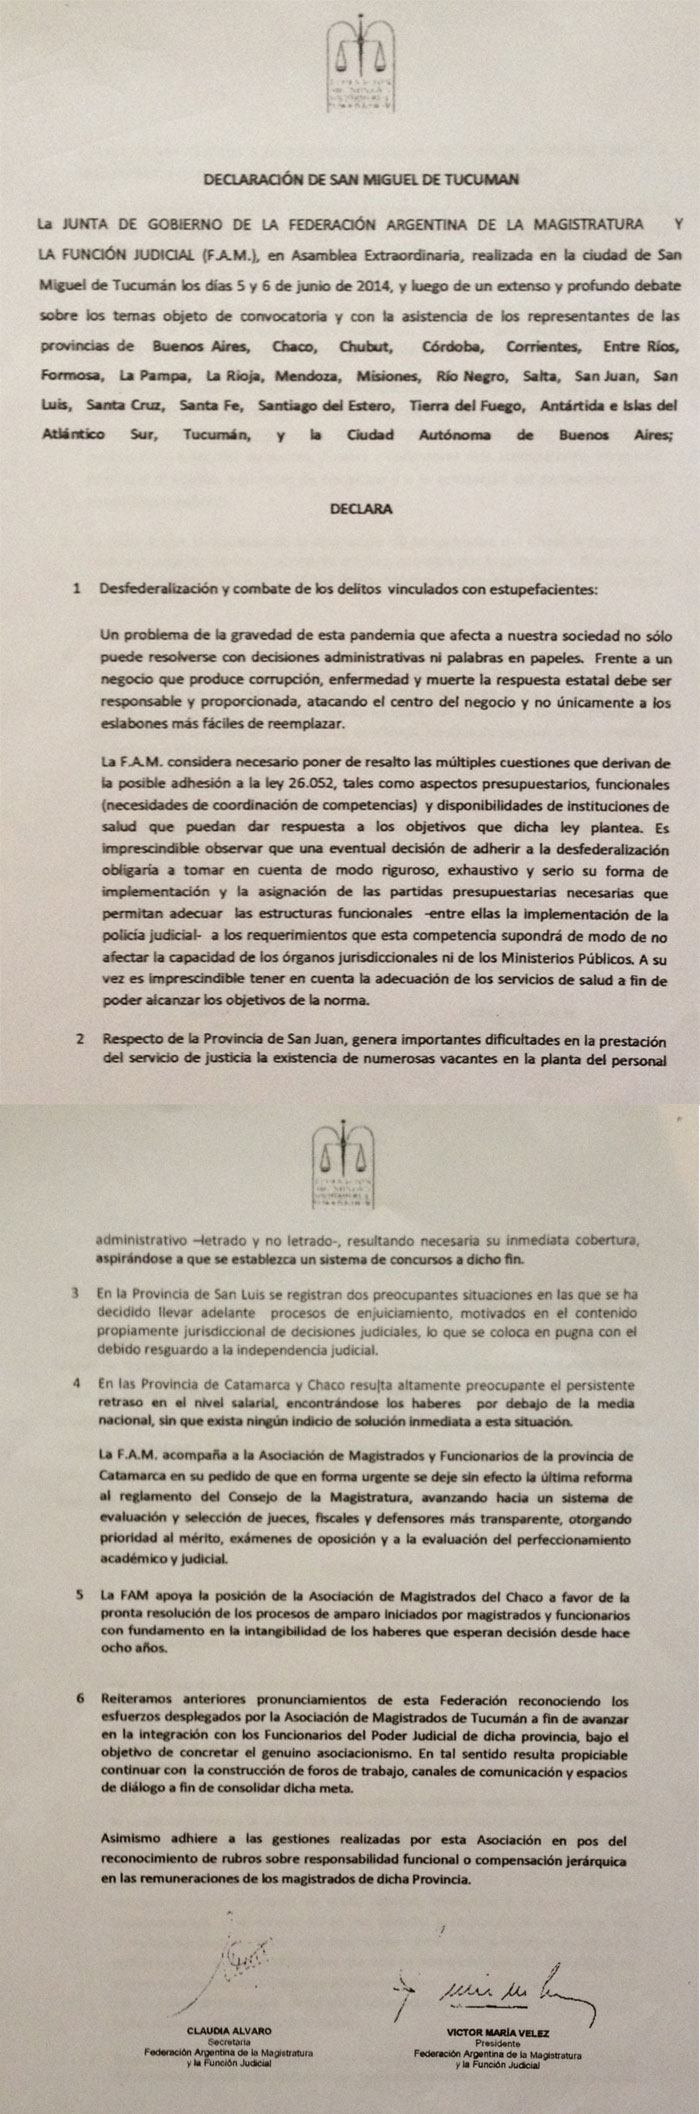 F.A.M. - Declaración de San Miguel de Tucumán sobre estupefacientes